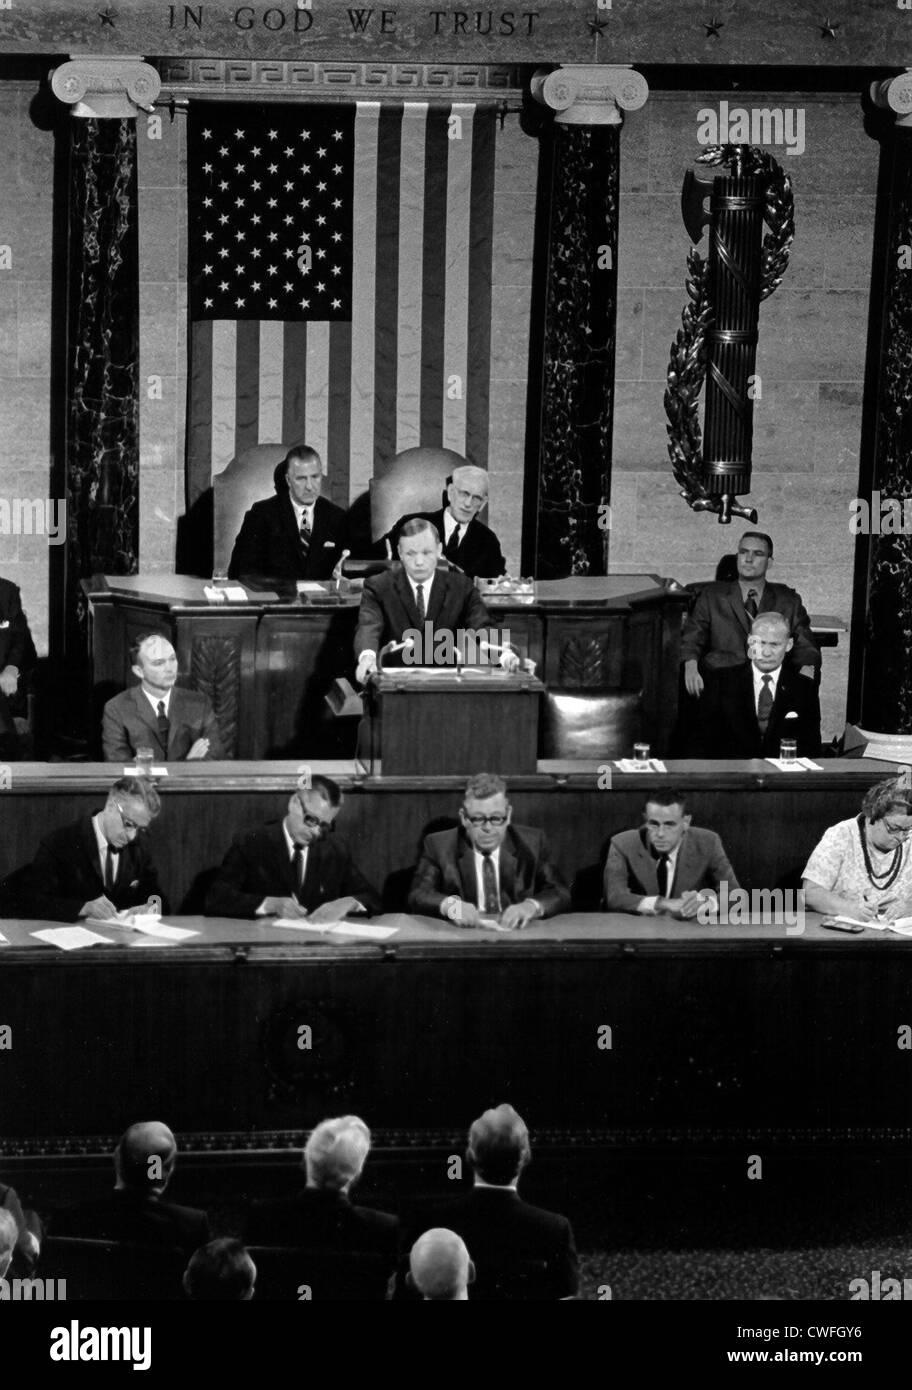 NASA Astronaut Neil Armstrong befasst sich mit eine gemeinsamen Sitzung des Kongresses 16. September 1969 in Washington, DC Stockfoto